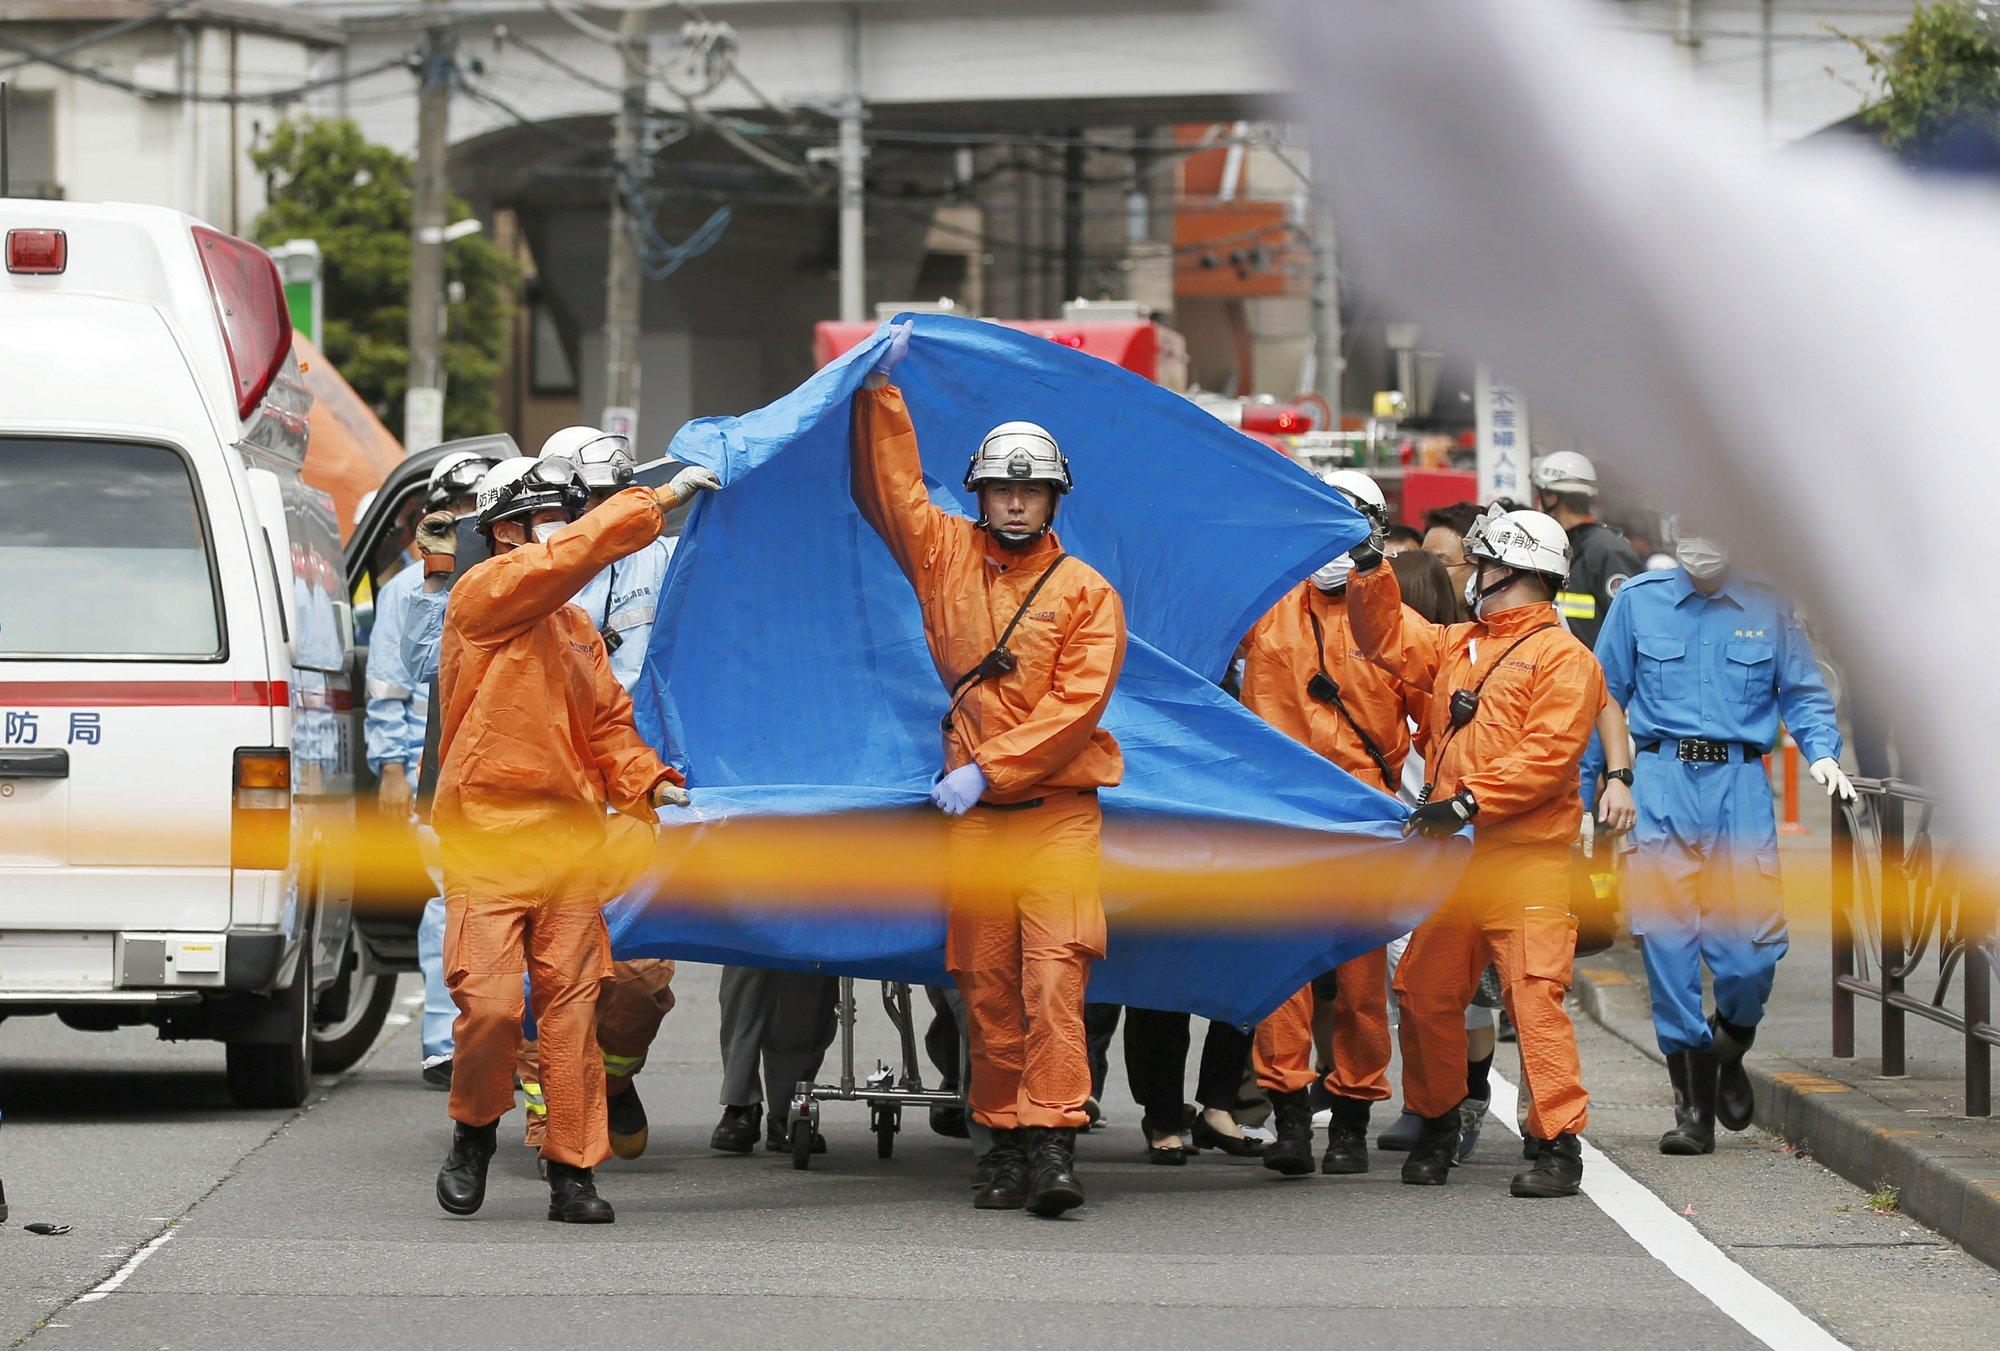 Rescuers work at the scene of an attack in Kawasaki near Tokyo_1559011439660.jpeg.jpg